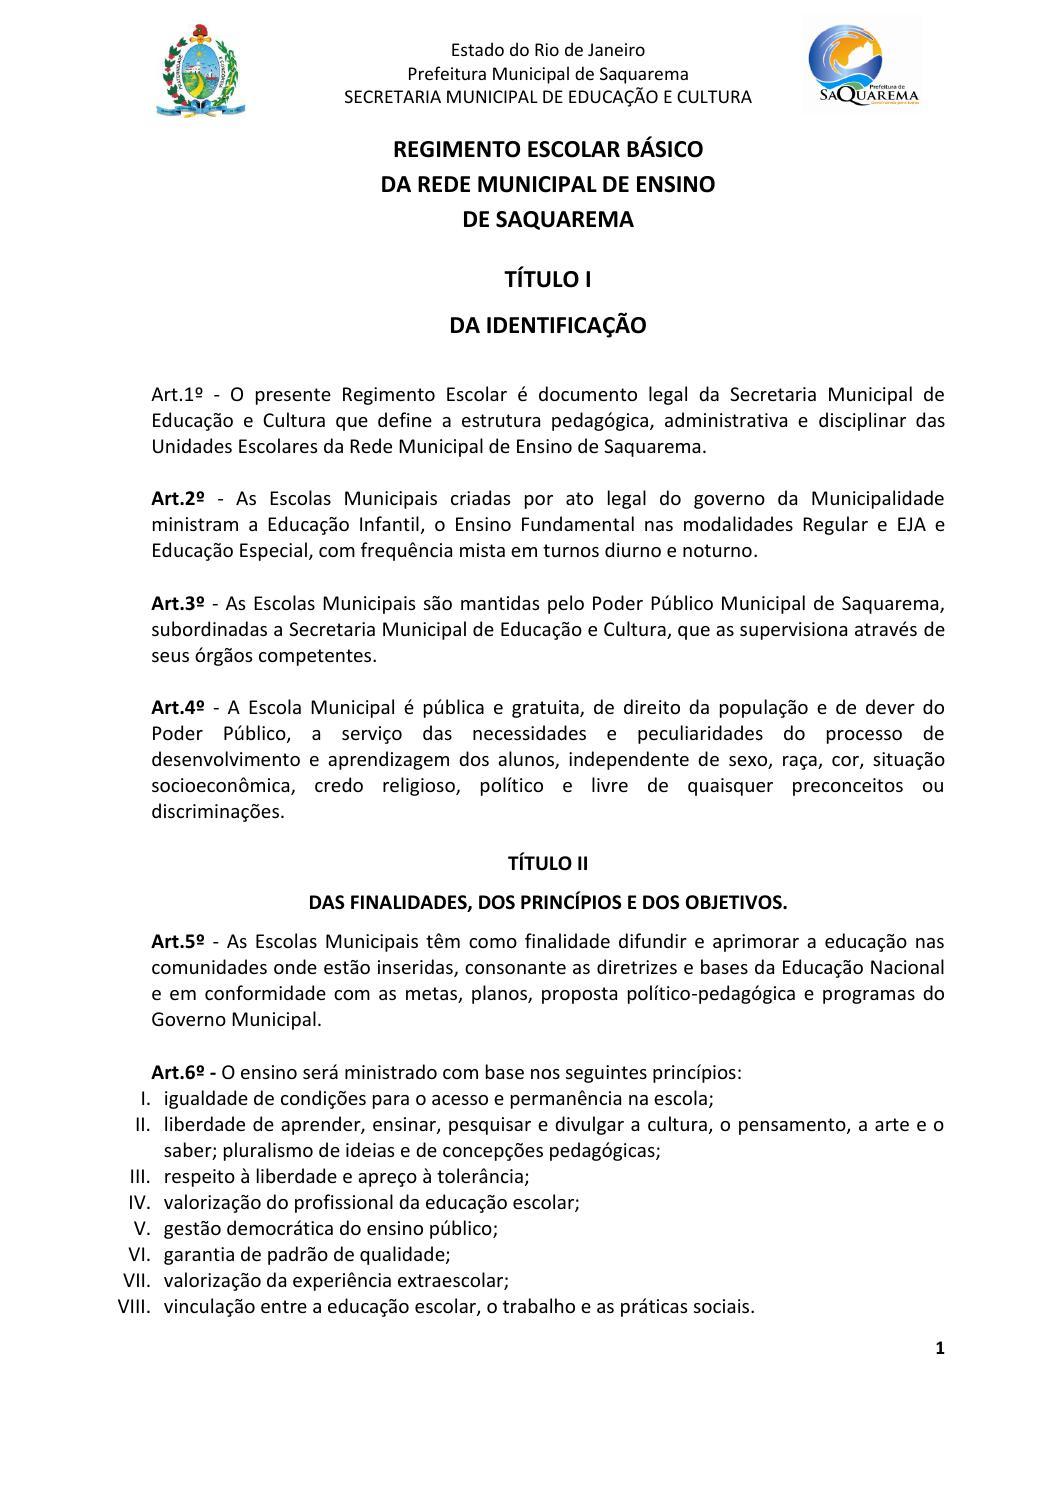 Muitas vezes Regimento básico da rede municipal de ensino saquarema1 by Evandro  SQ59